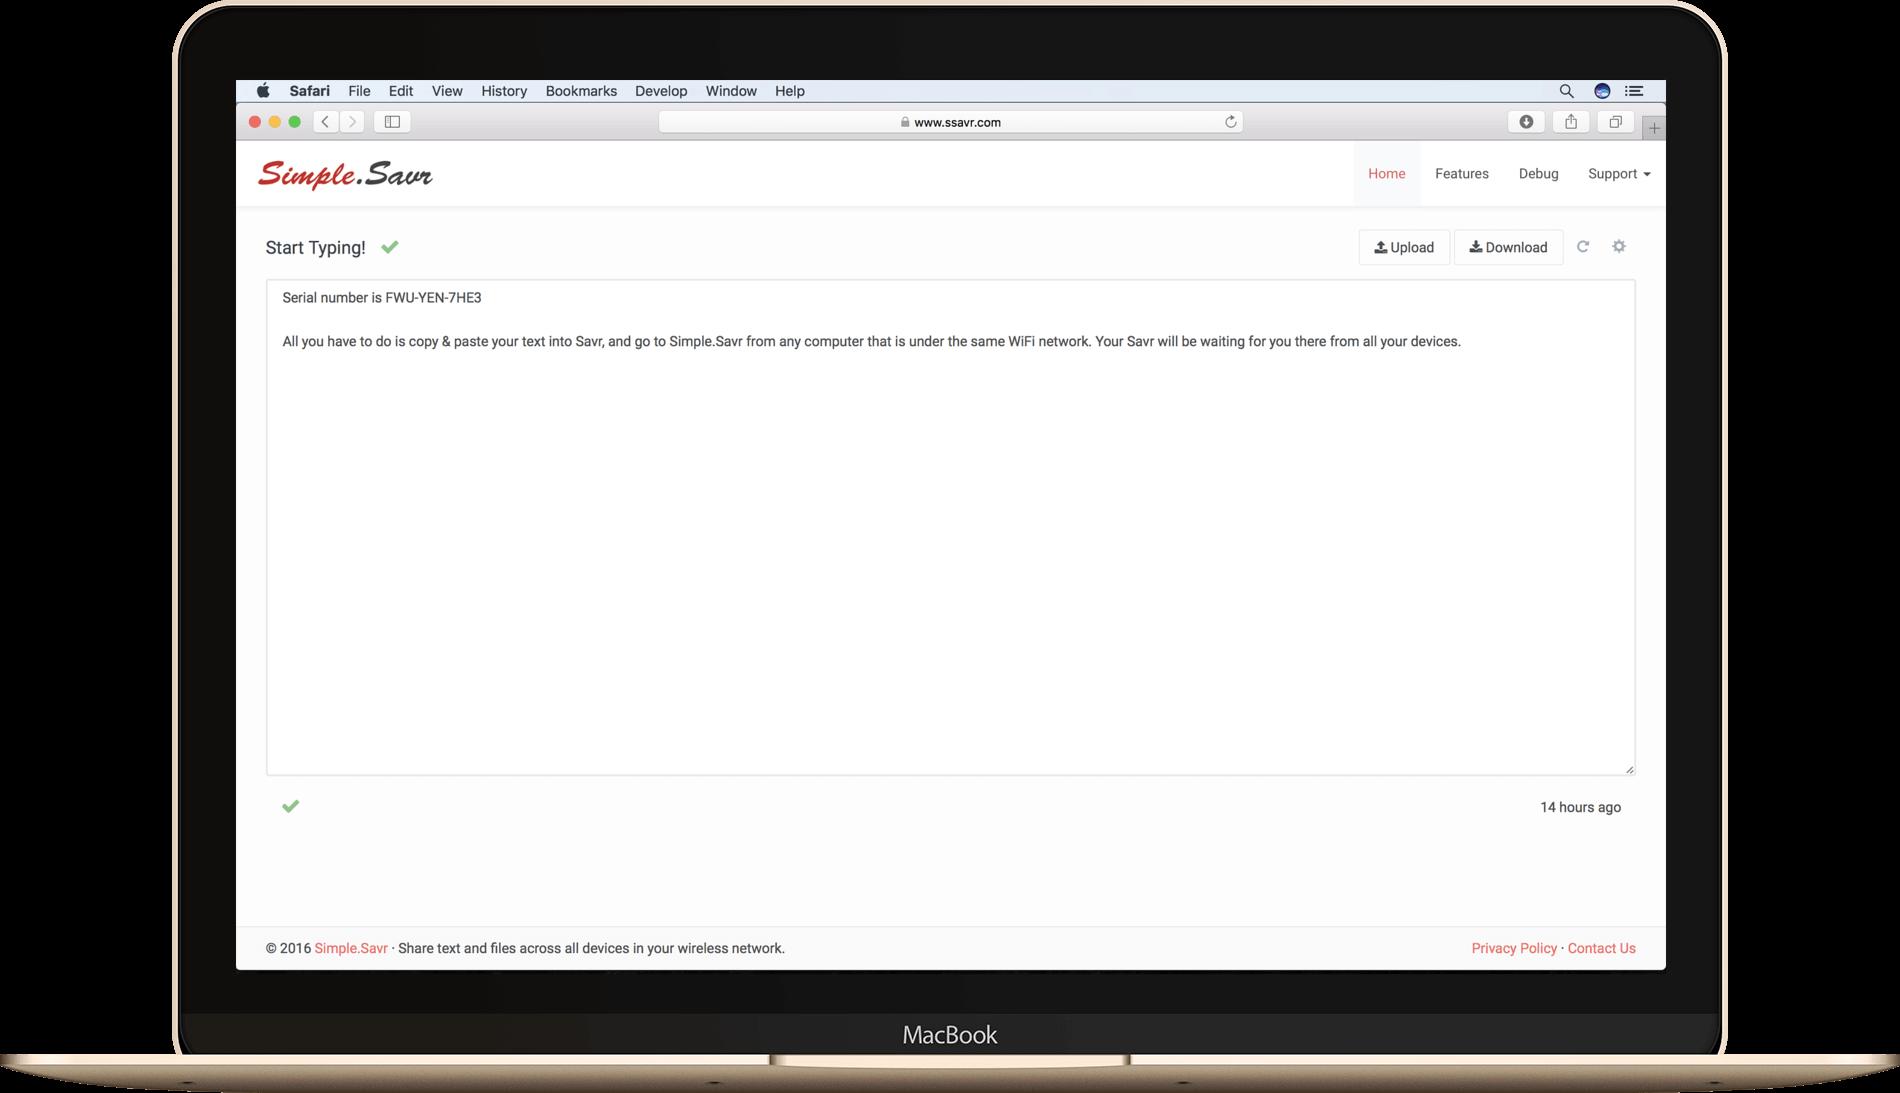 Simple.Savr – sync files using IP